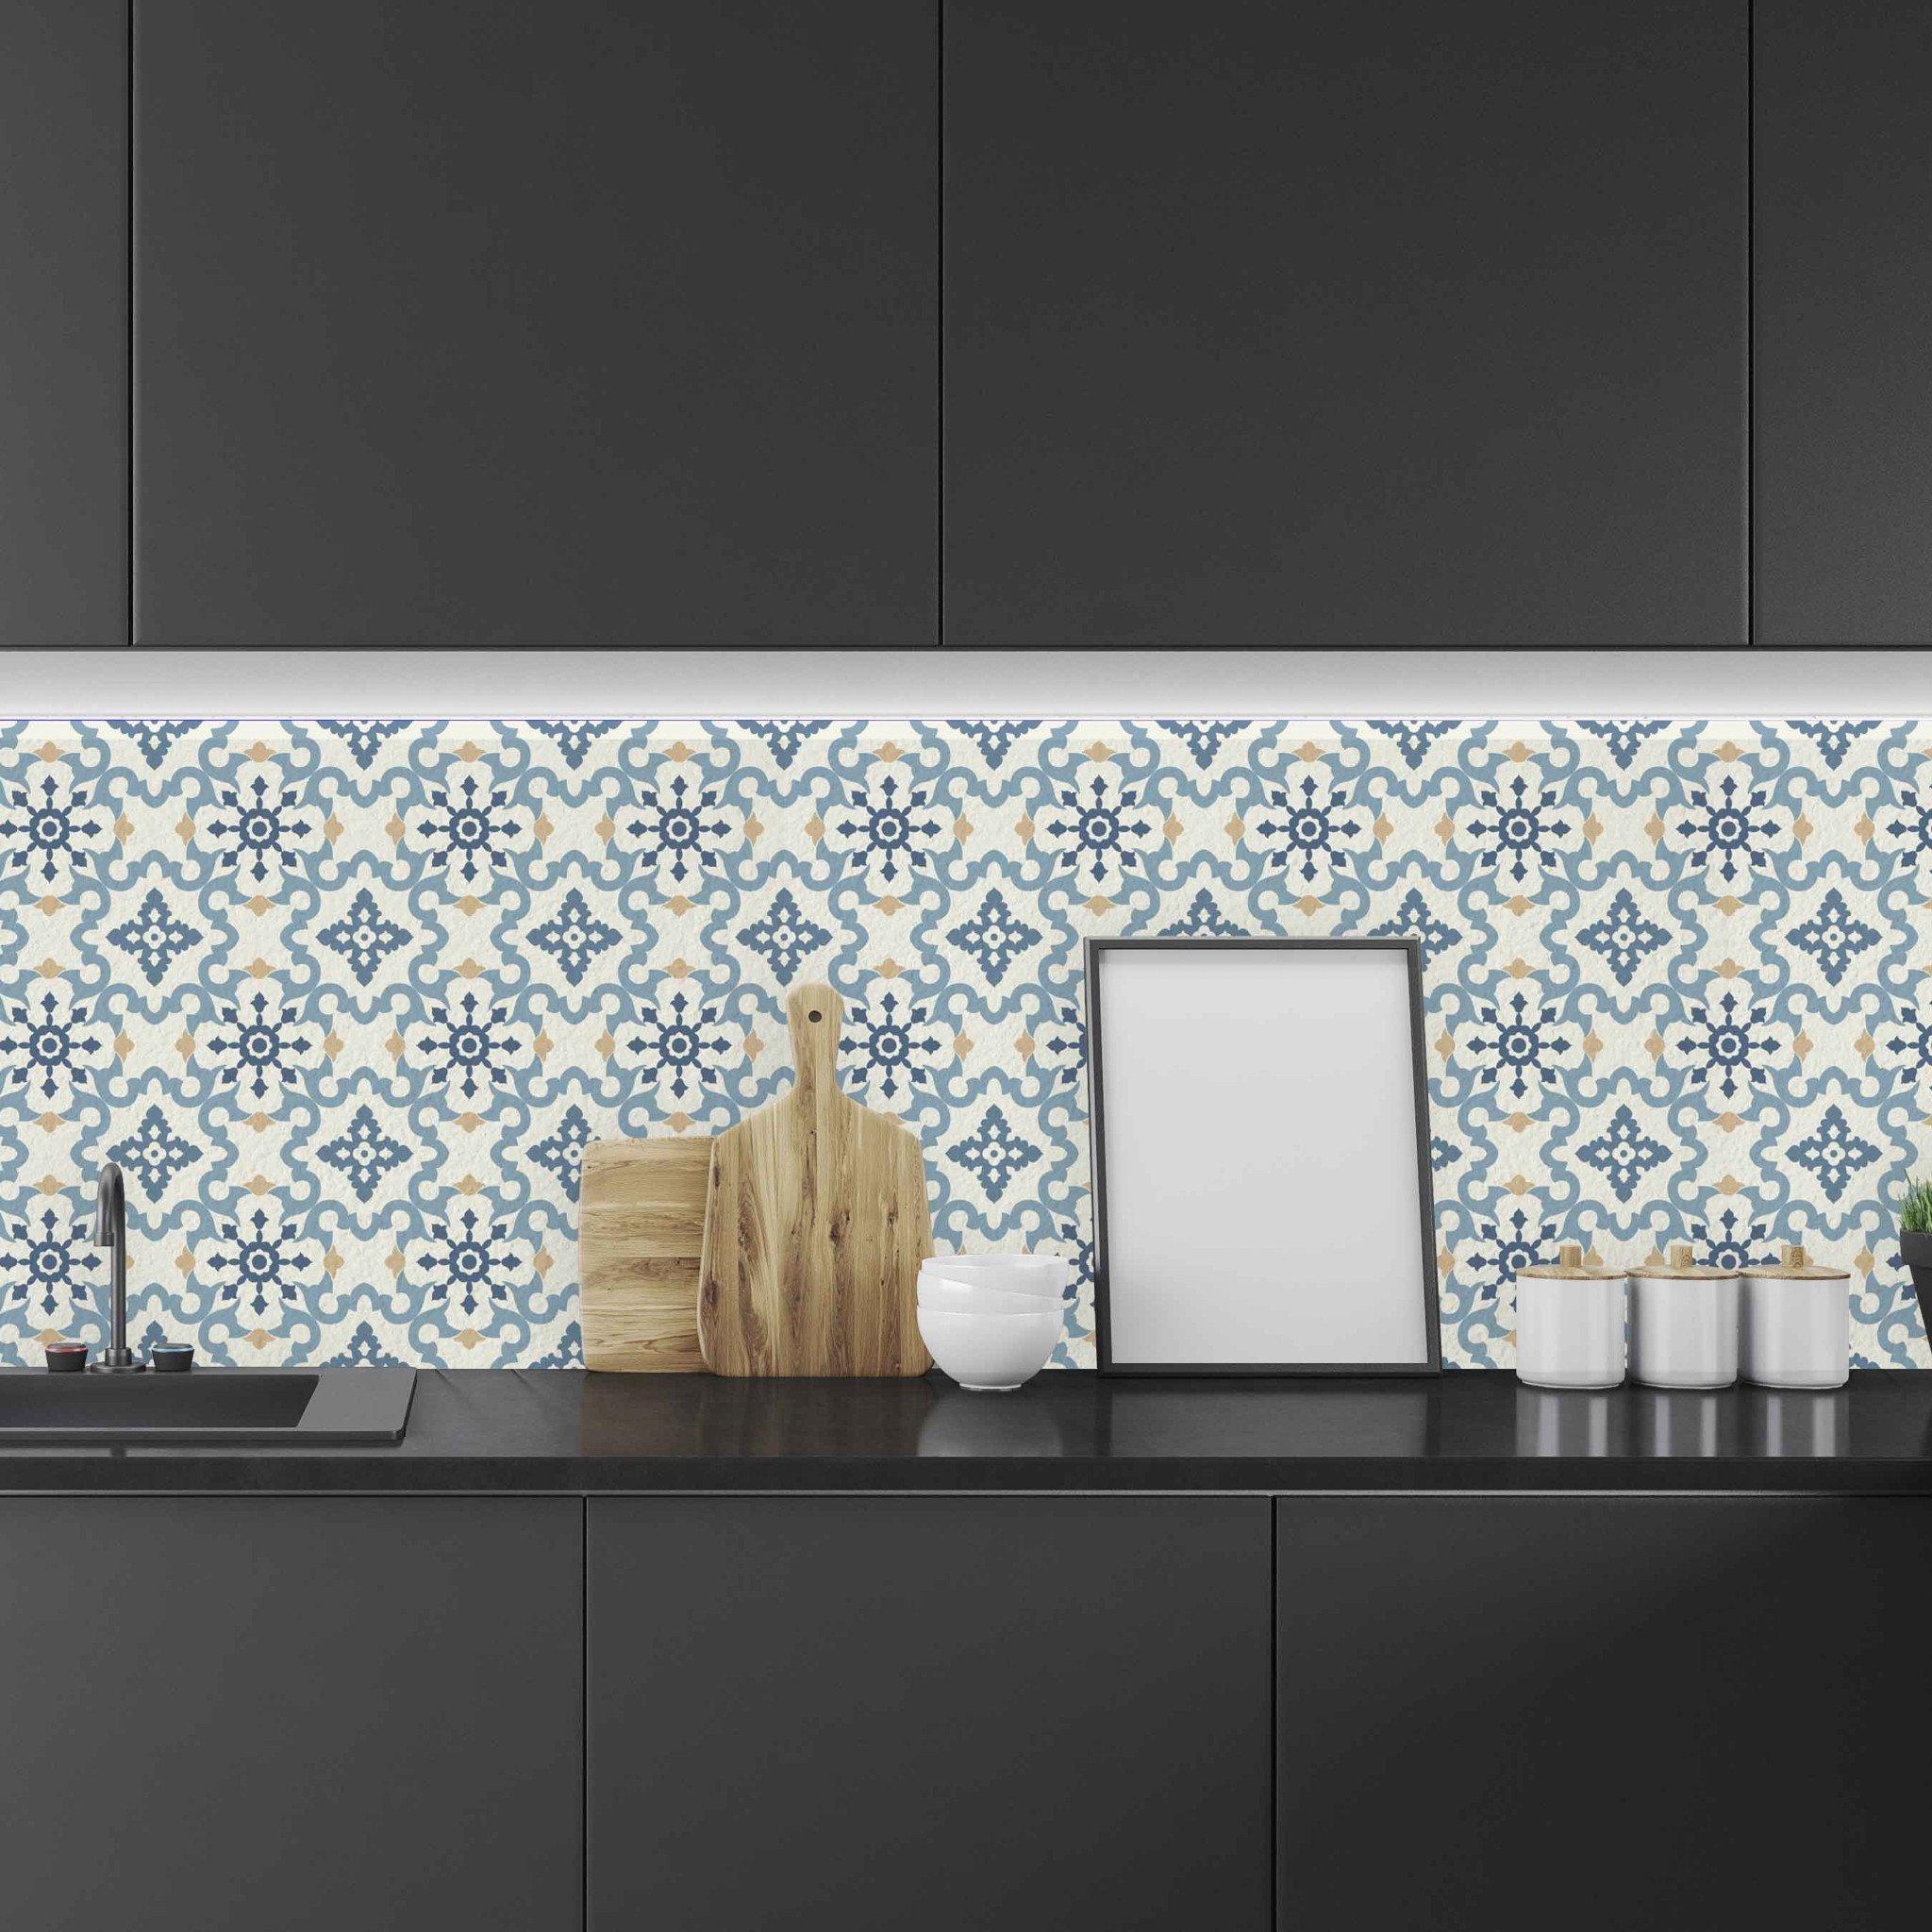 Teal tile backsplash home kitchen pinterest subway tile teal tile backsplash dailygadgetfo Gallery